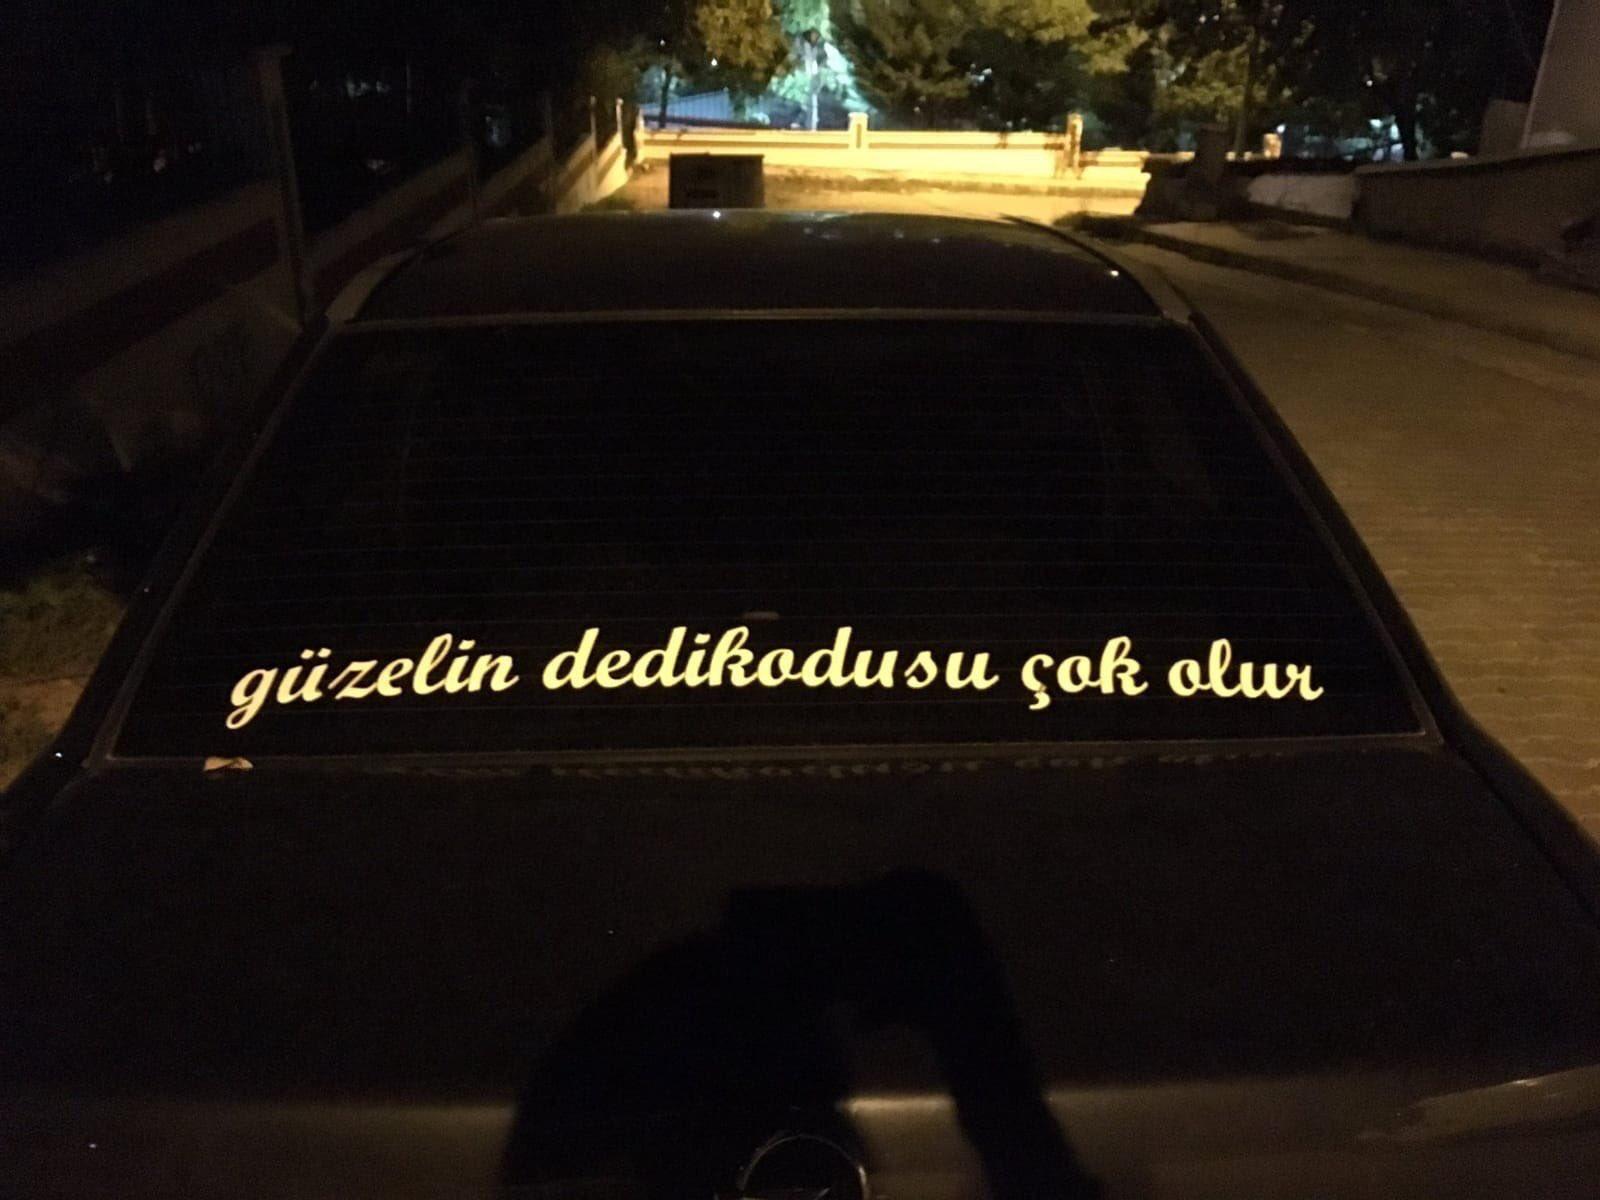 Doğan araba arkası yazıları